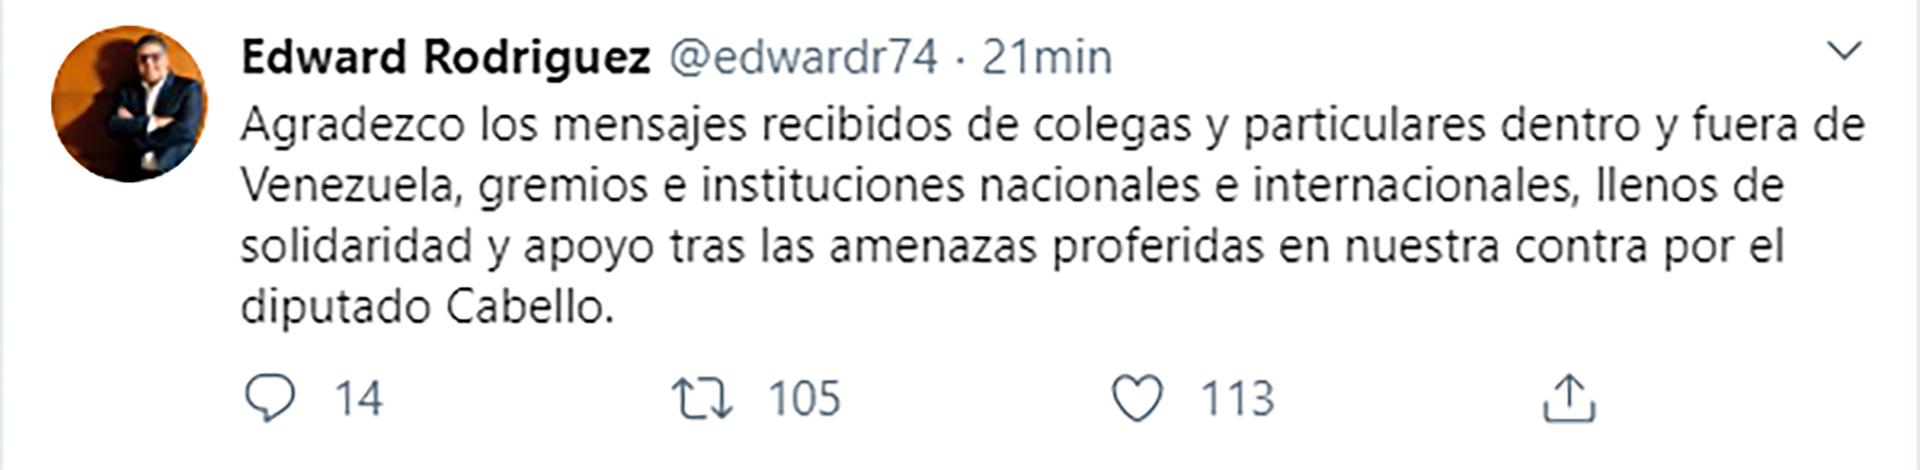 El tuit de Edward Rodríguez